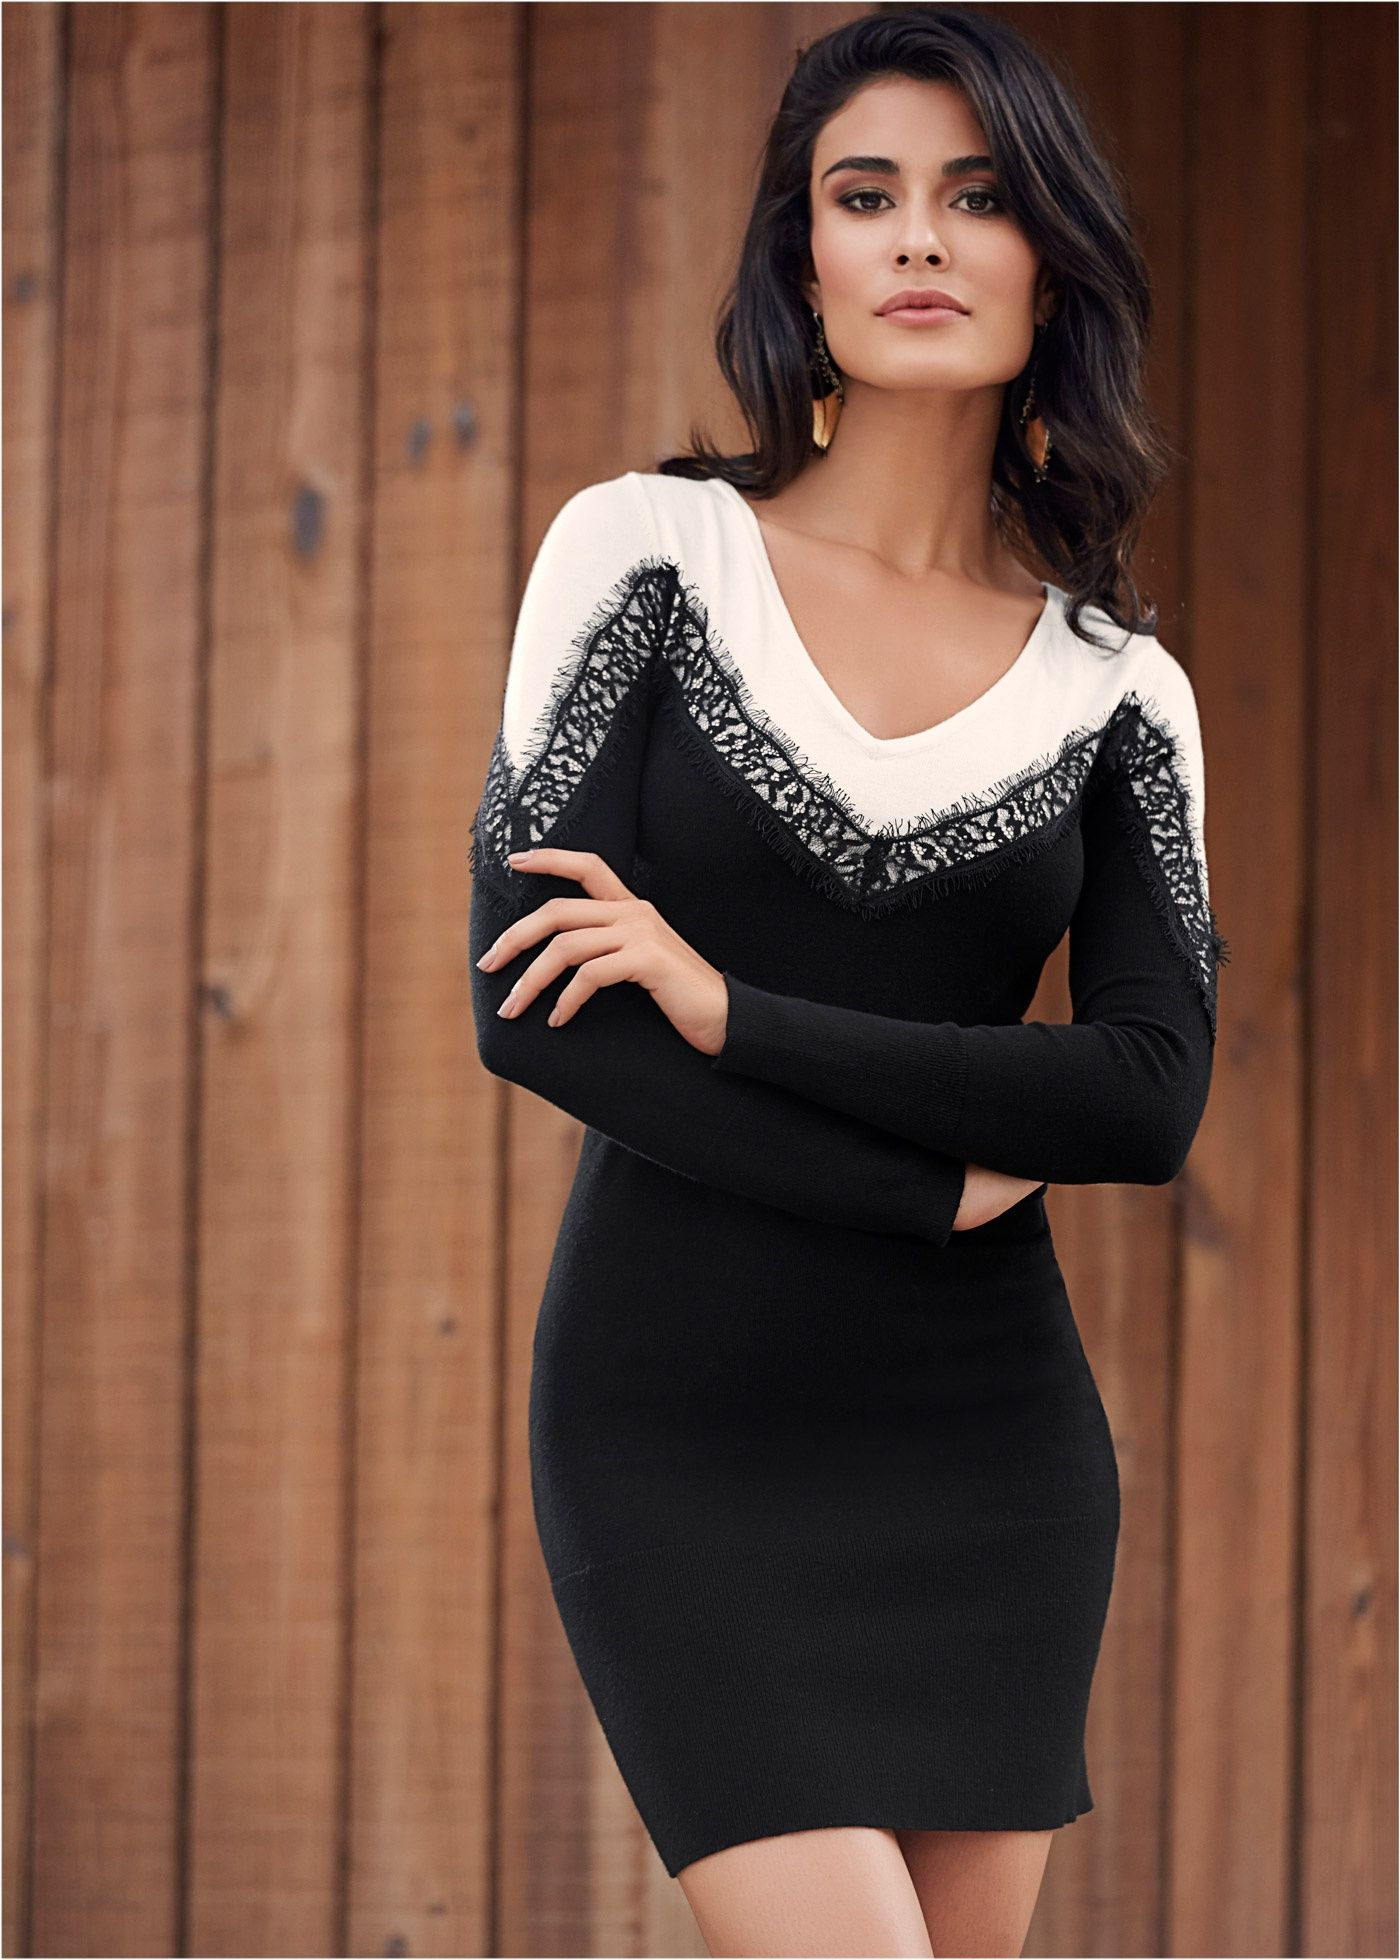 ff1ec03262 Vestido tubinho preto off white encomendar agora na loja on-line bonprix.com.br  R  149